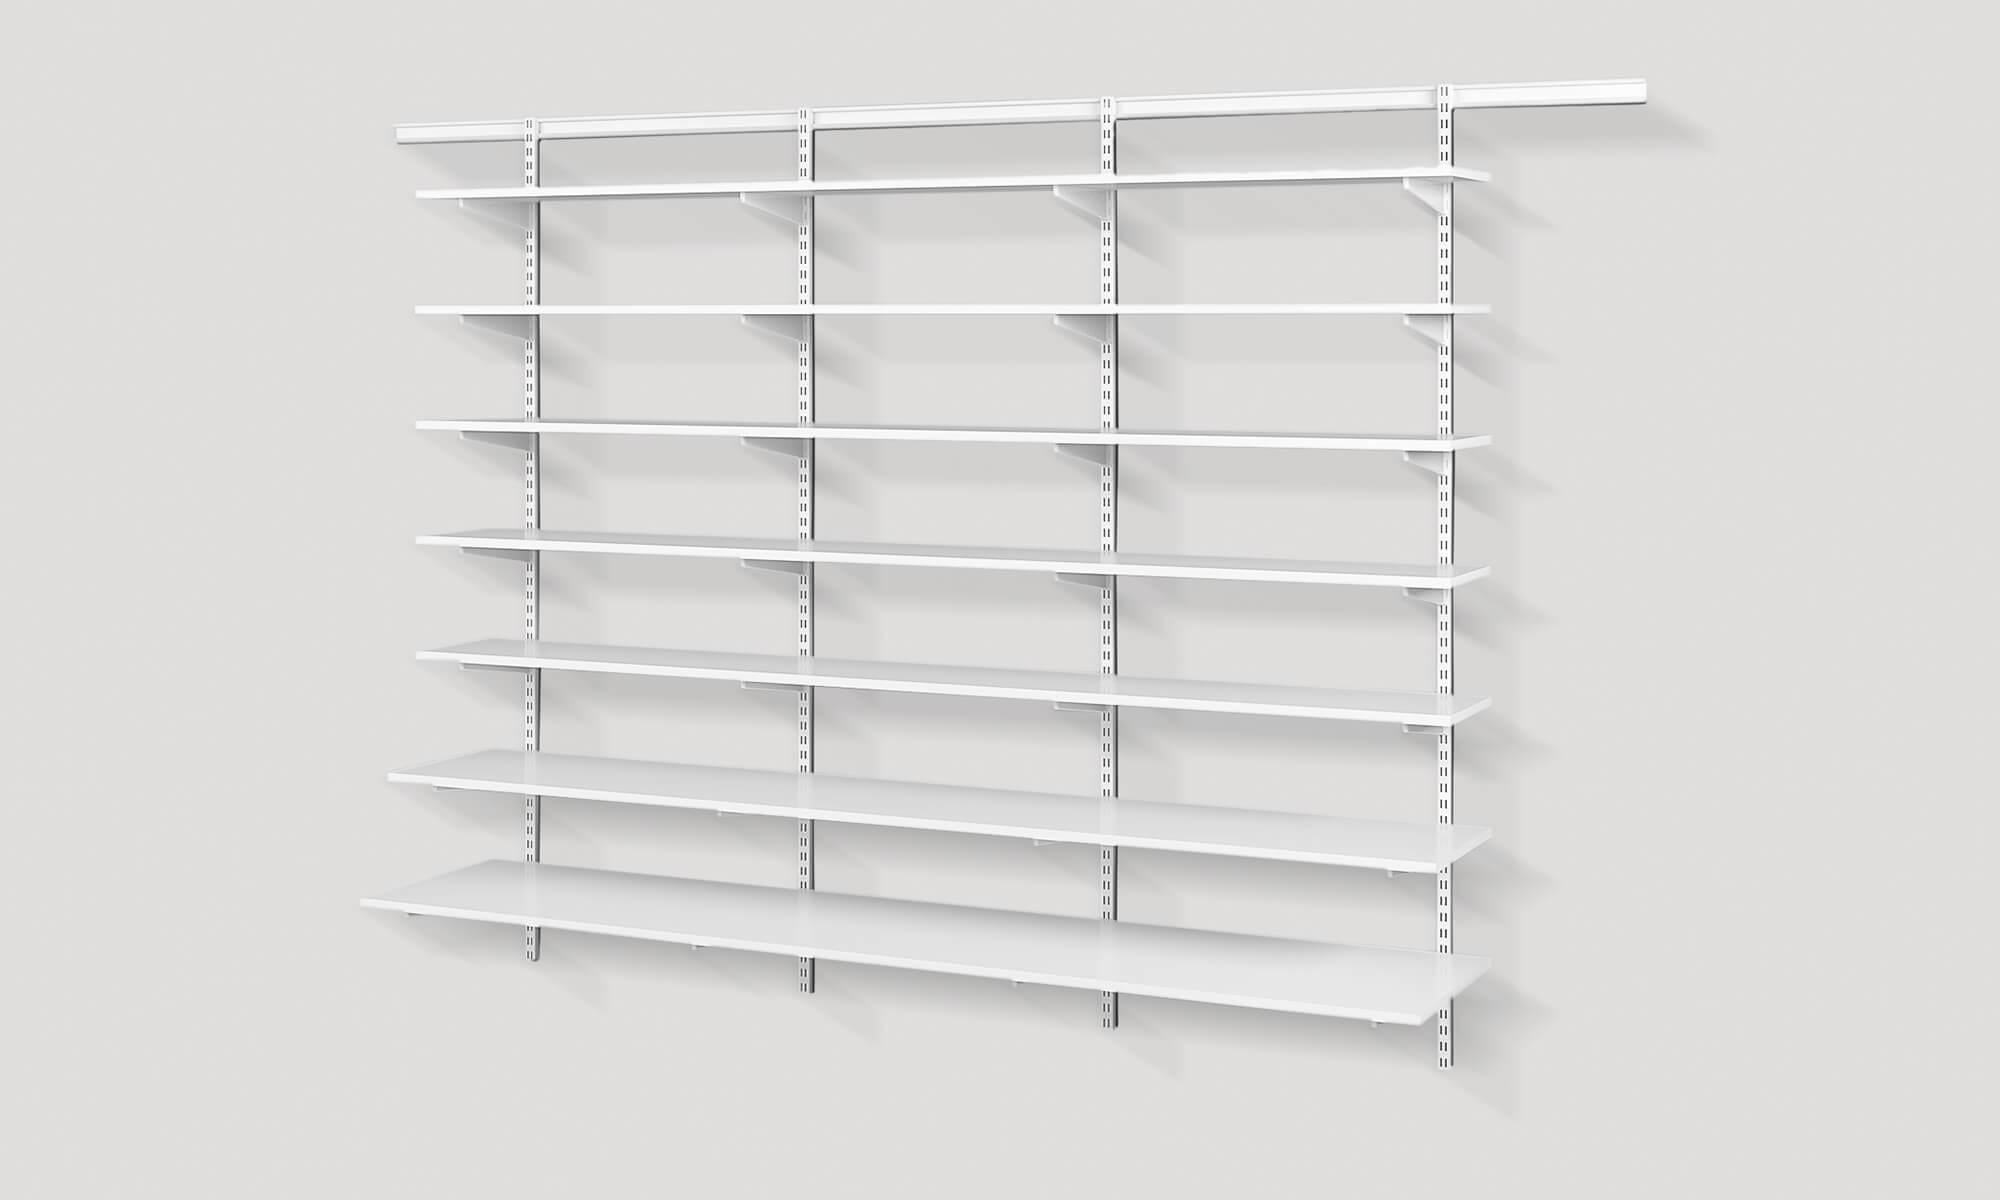 konsolhyllor förvaring kontor trece Wall-mounted storage office